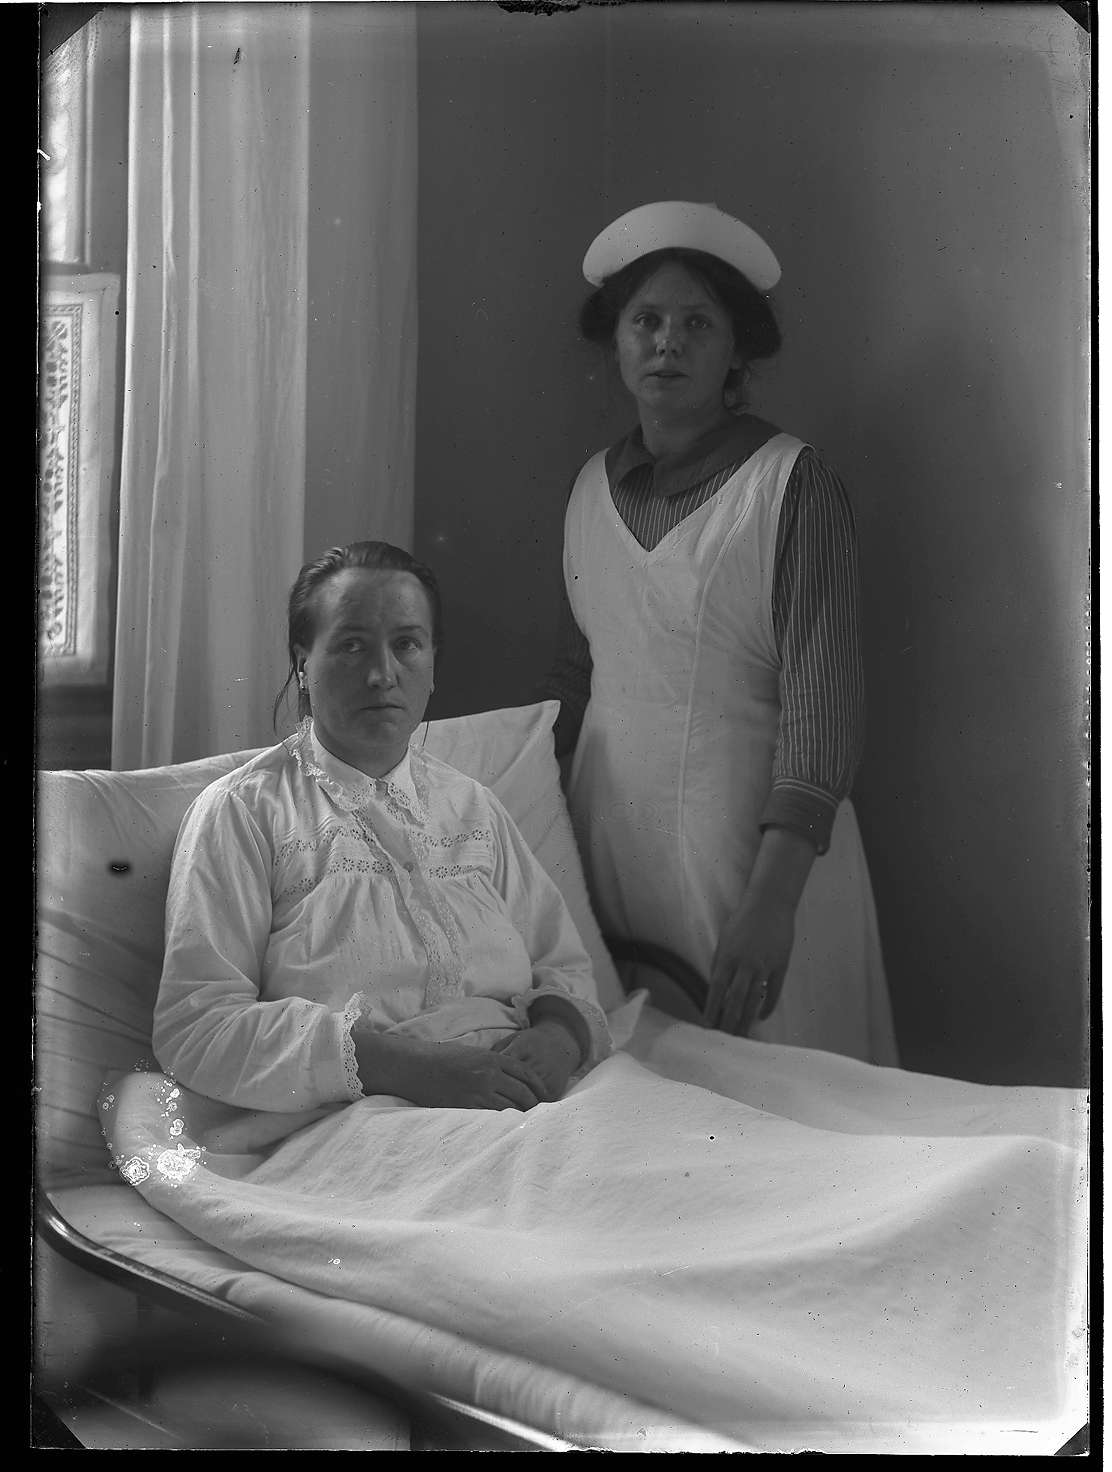 Pflegerin und Patientin Karoline Klefenz am Krankenbett, 1914 [Quelle: Staatsarchiv Ludwigsburg]